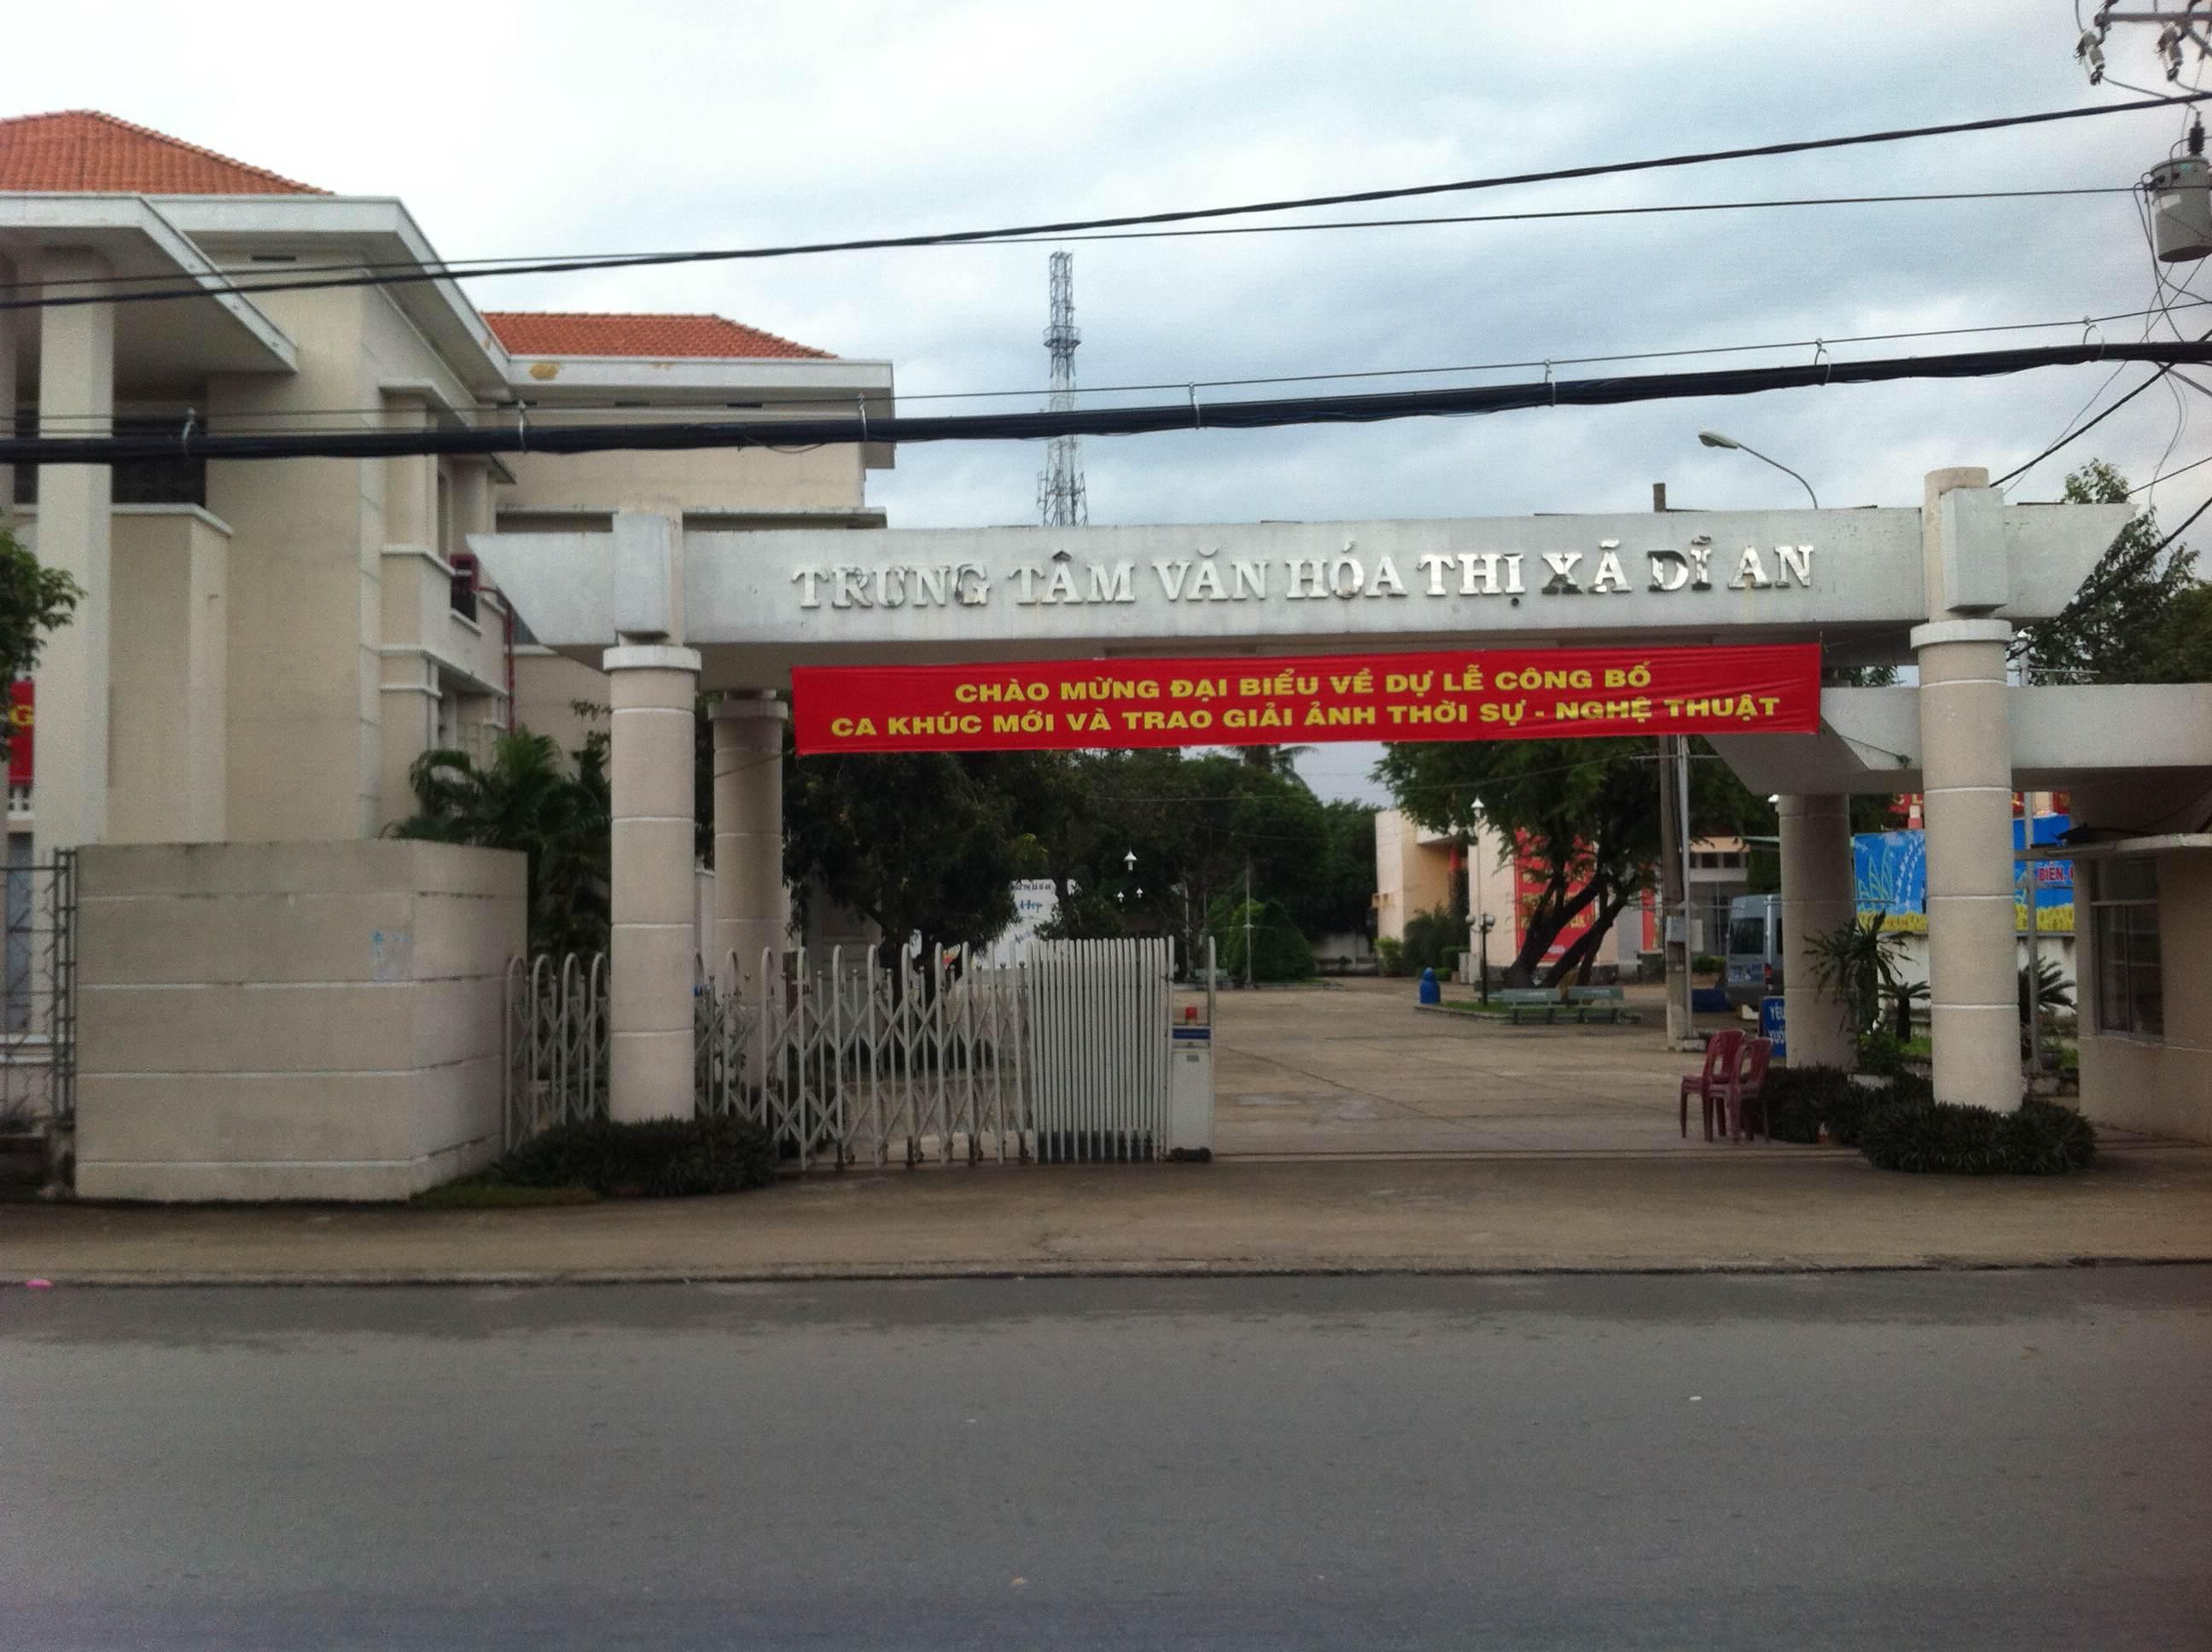 Nhà Cấp 4 Gần BigC,Trong Khu Dân Cư Đông Hoà Dĩ An, nhà gần trung tâm văn hòa thị xã dĩ an